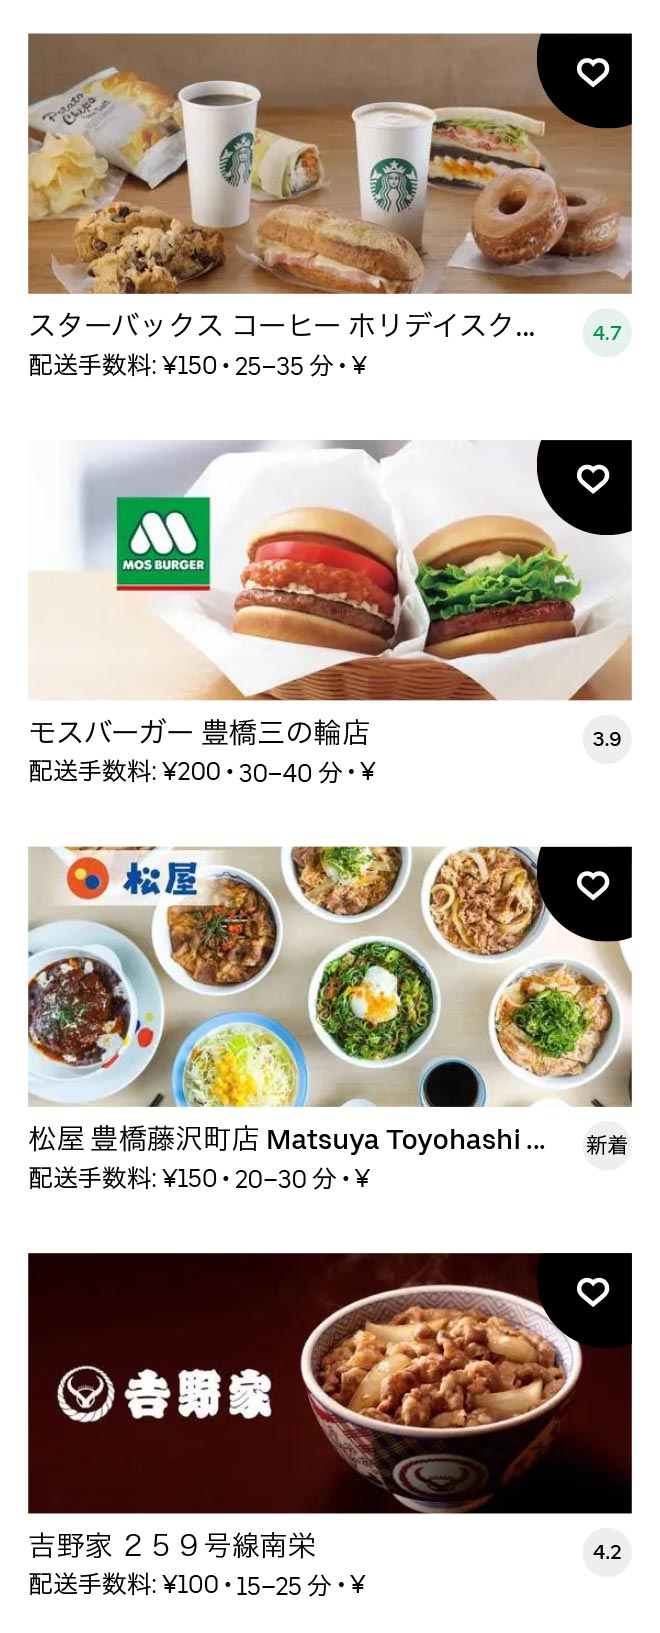 Aichi daigaku menu 2012 06